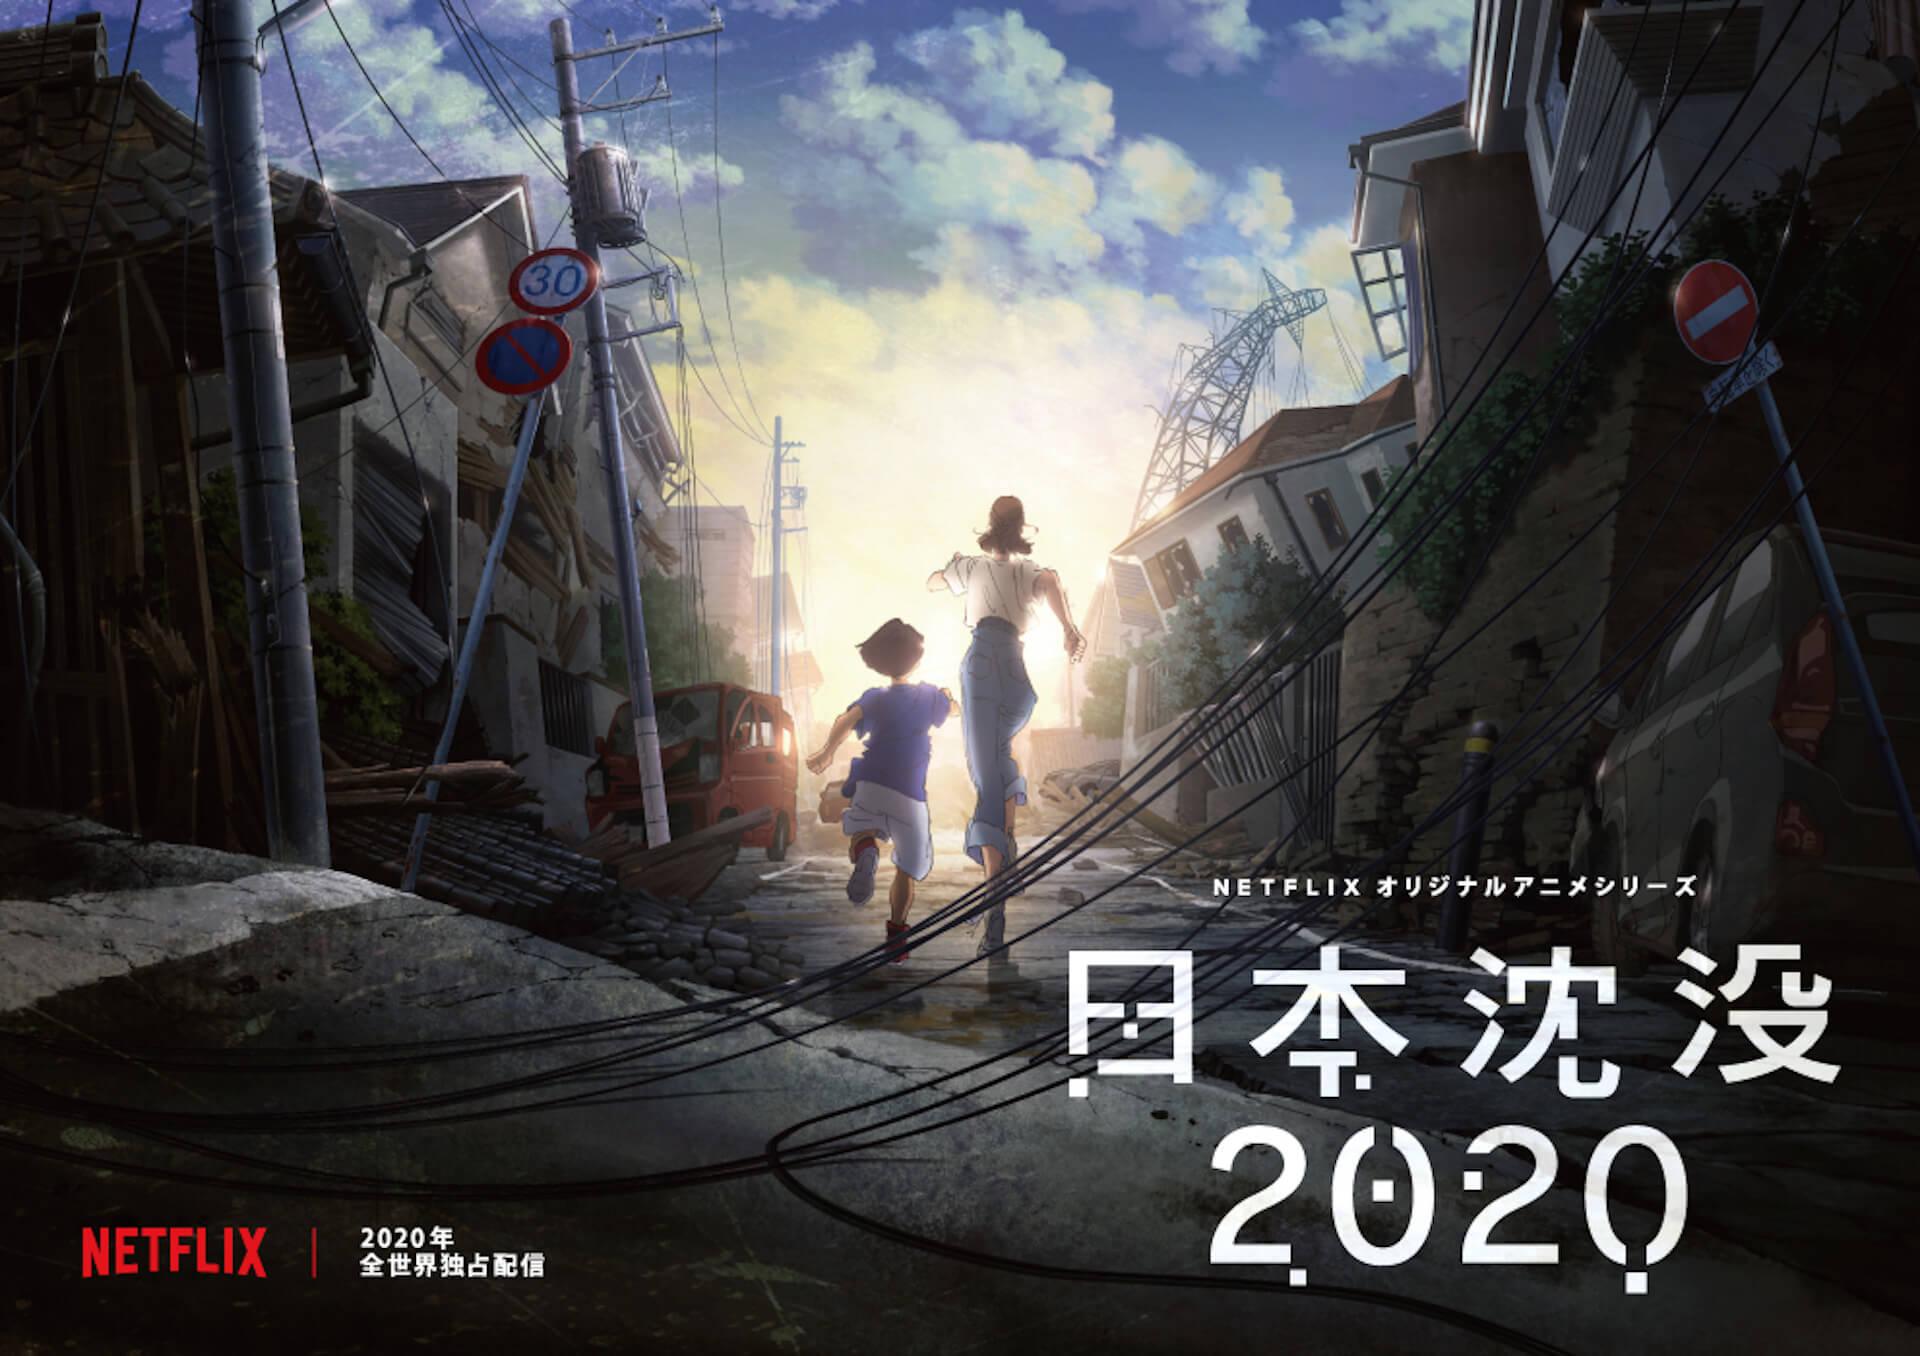 『日本沈没』を湯浅政明監督がNetflixでアニメ化  舞台は2020年東京オリンピック直後の日本で「ごく普通の家族の物語」を描く film191009-nihonchibotsu2020-netflix